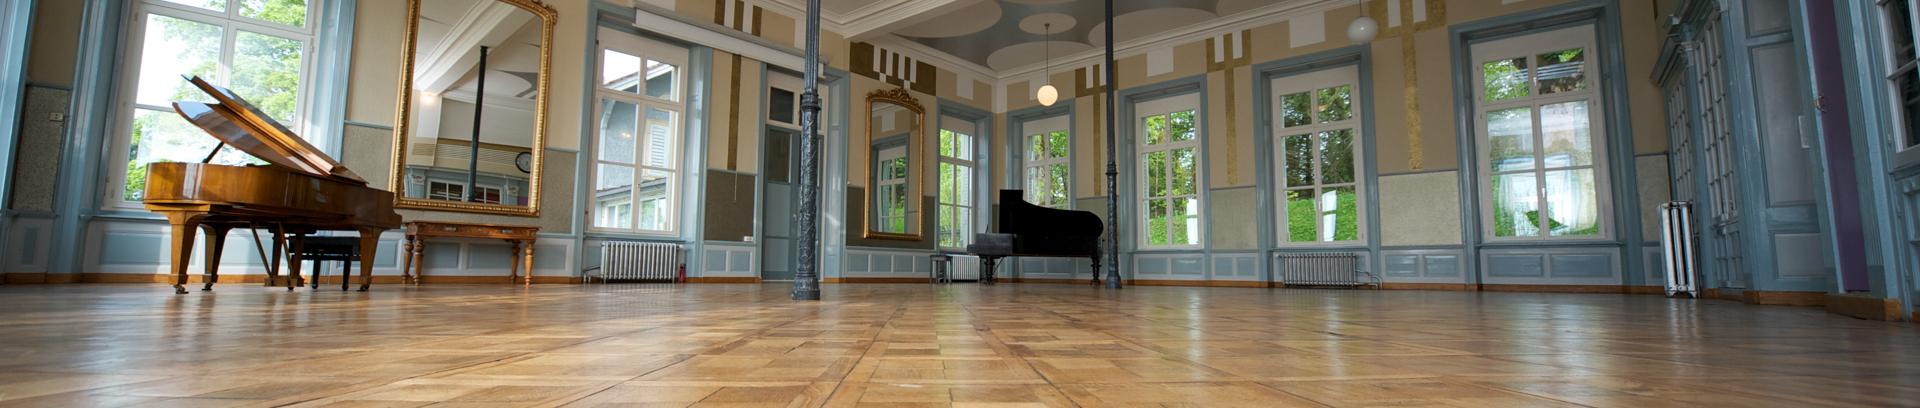 the aula